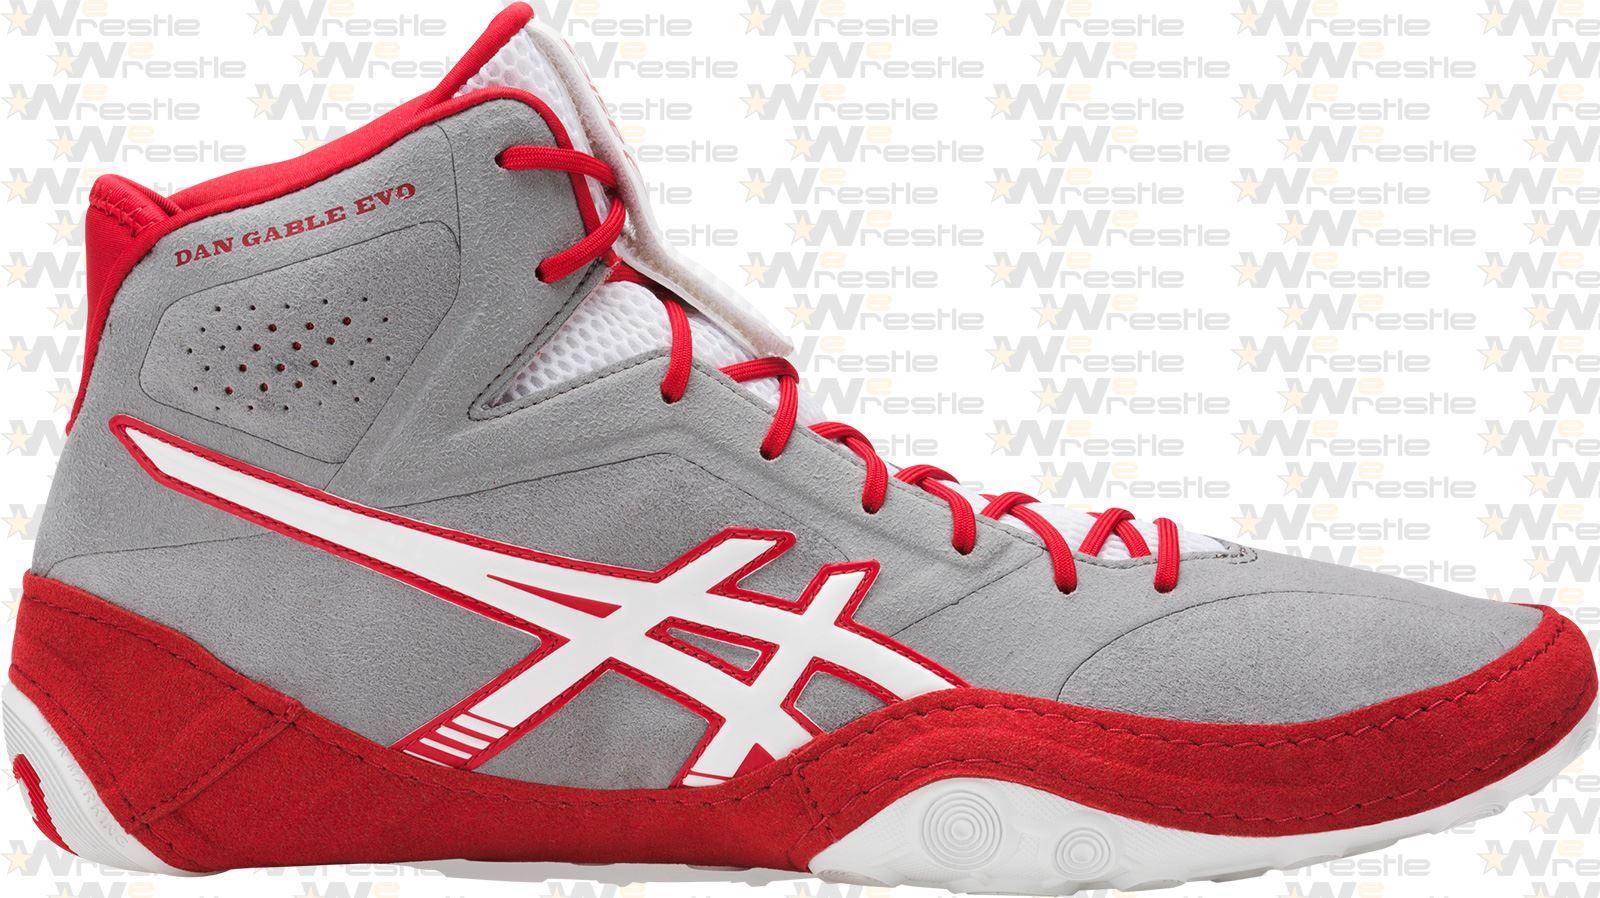 ASICS Dan Gable EVO Wrestling Shoes Red